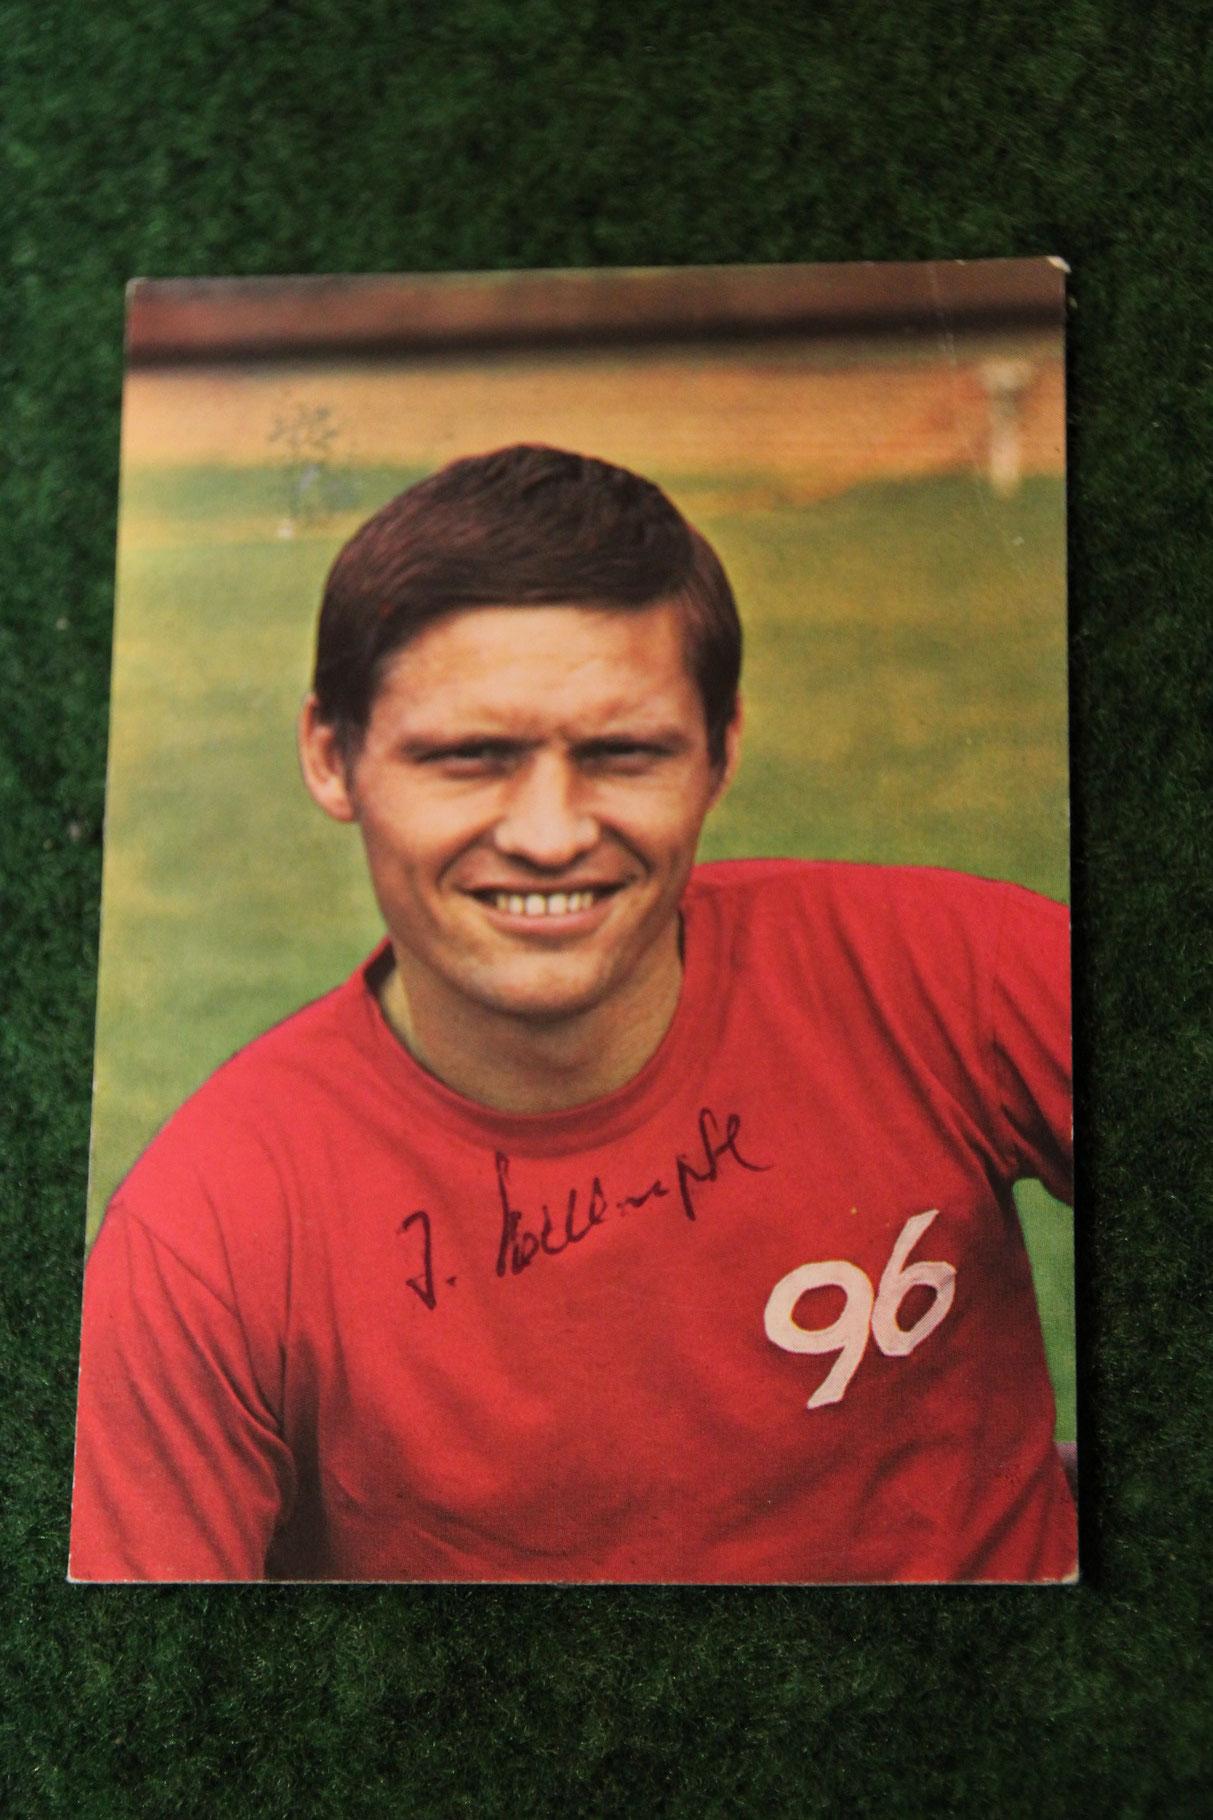 Original Autogramm von Hans-Josef Hellingrat auf einer Bergmann Sammelkarte aus dem Jahr 1969/70.